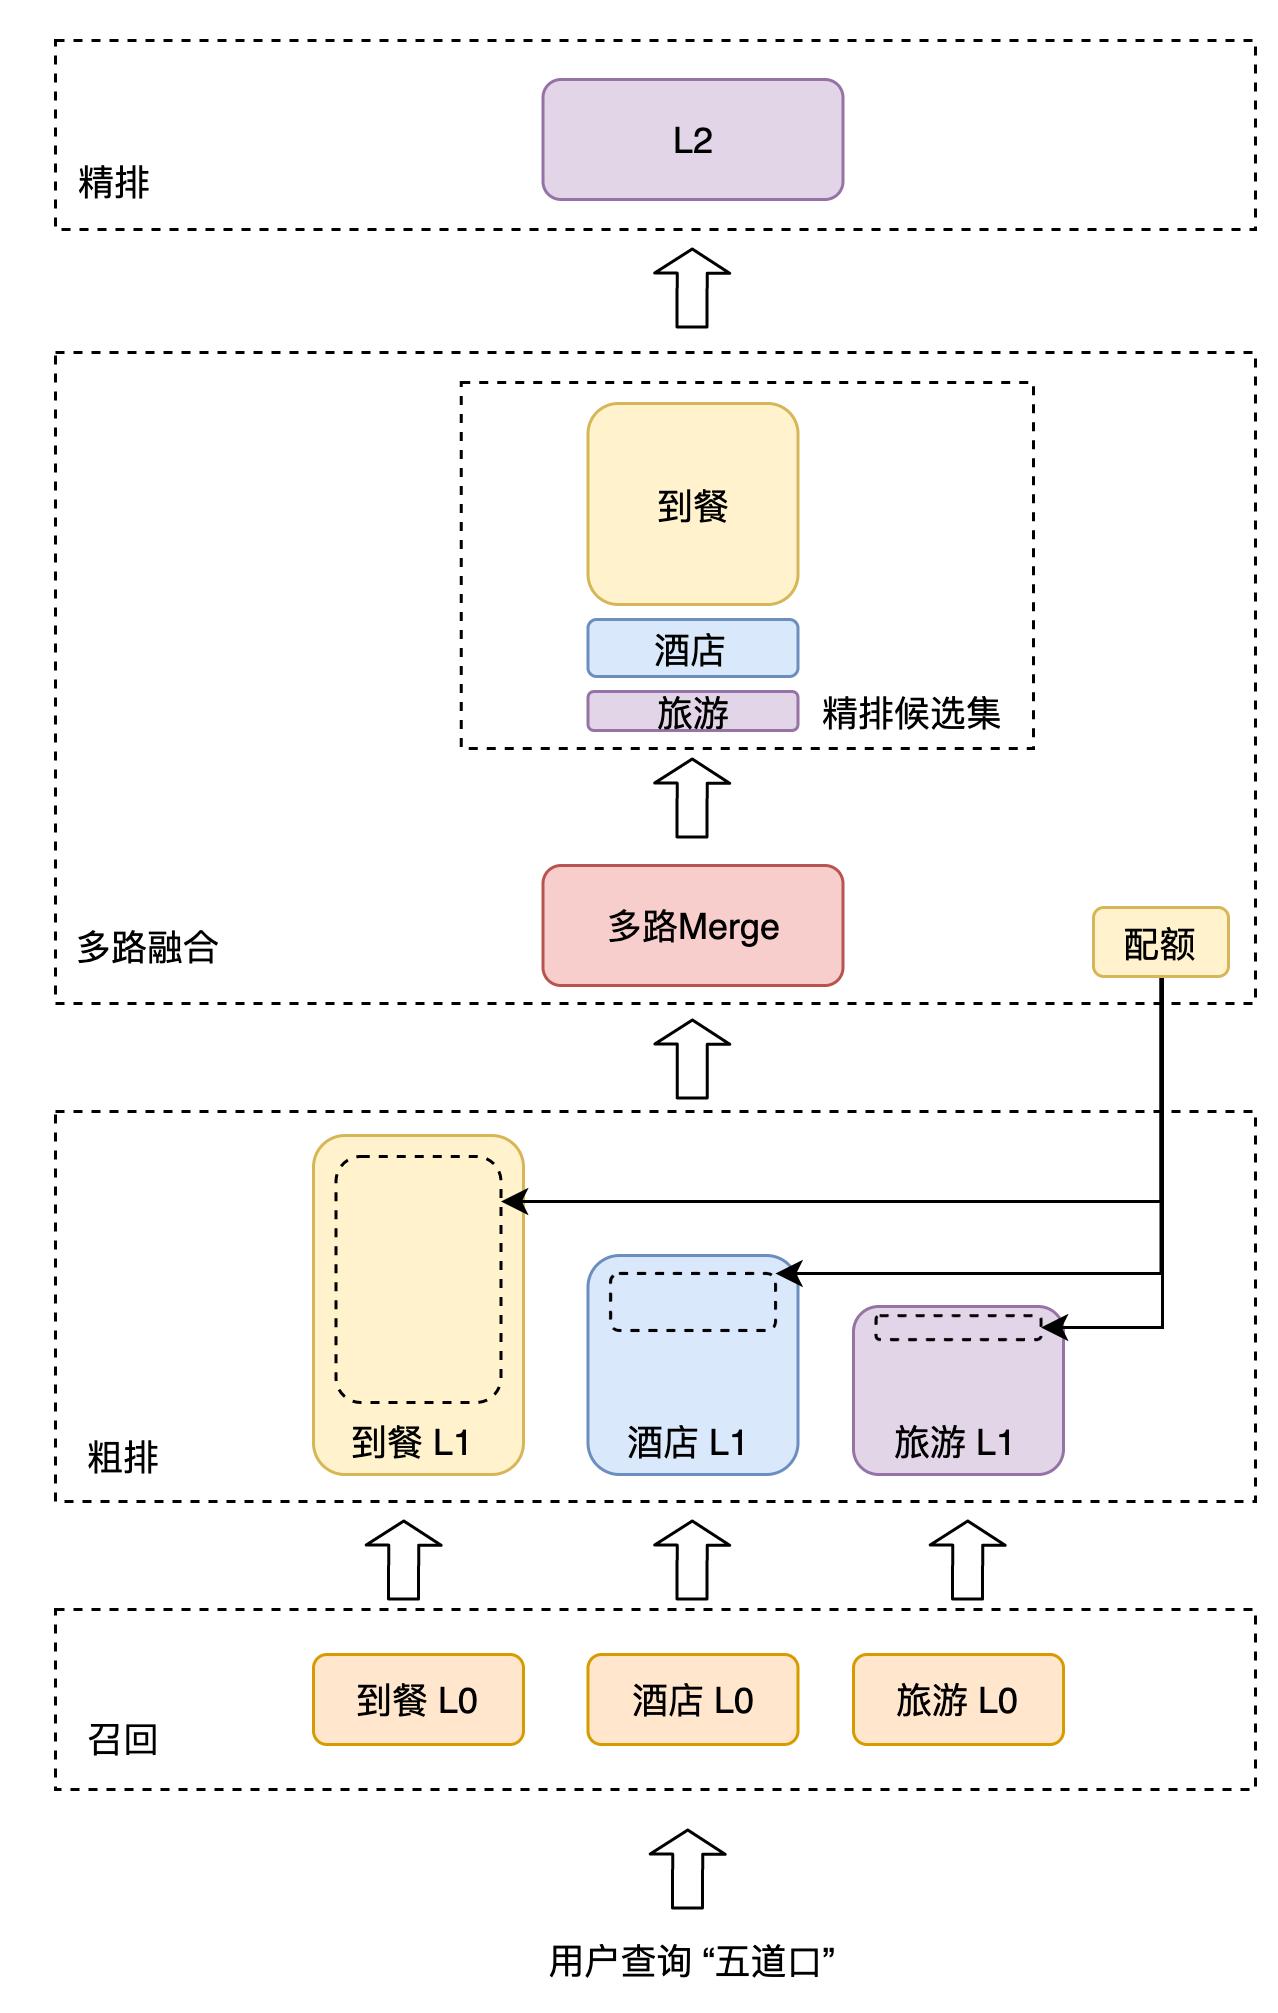 图3 多路融合过程